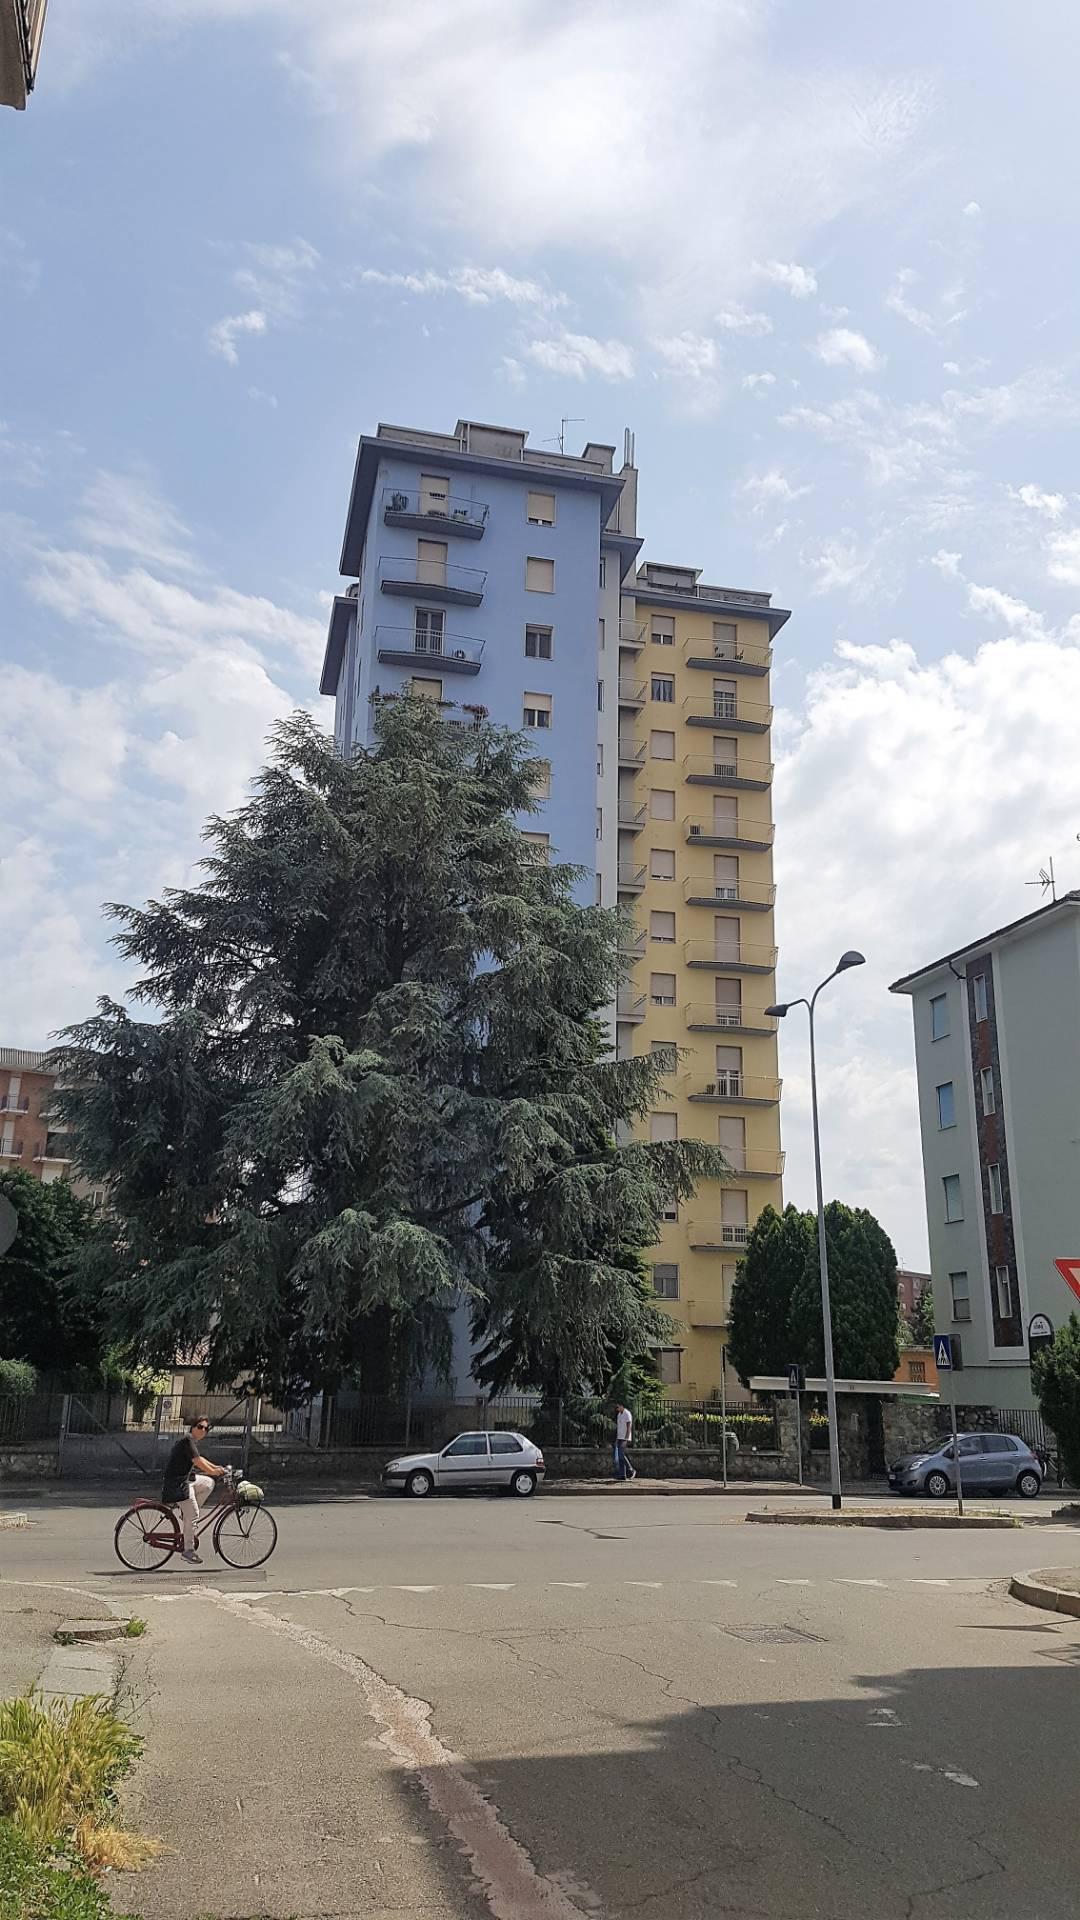 Appartamento in vendita a Alessandria, 3 locali, zona Zona: Europa, prezzo € 39.000 | CambioCasa.it